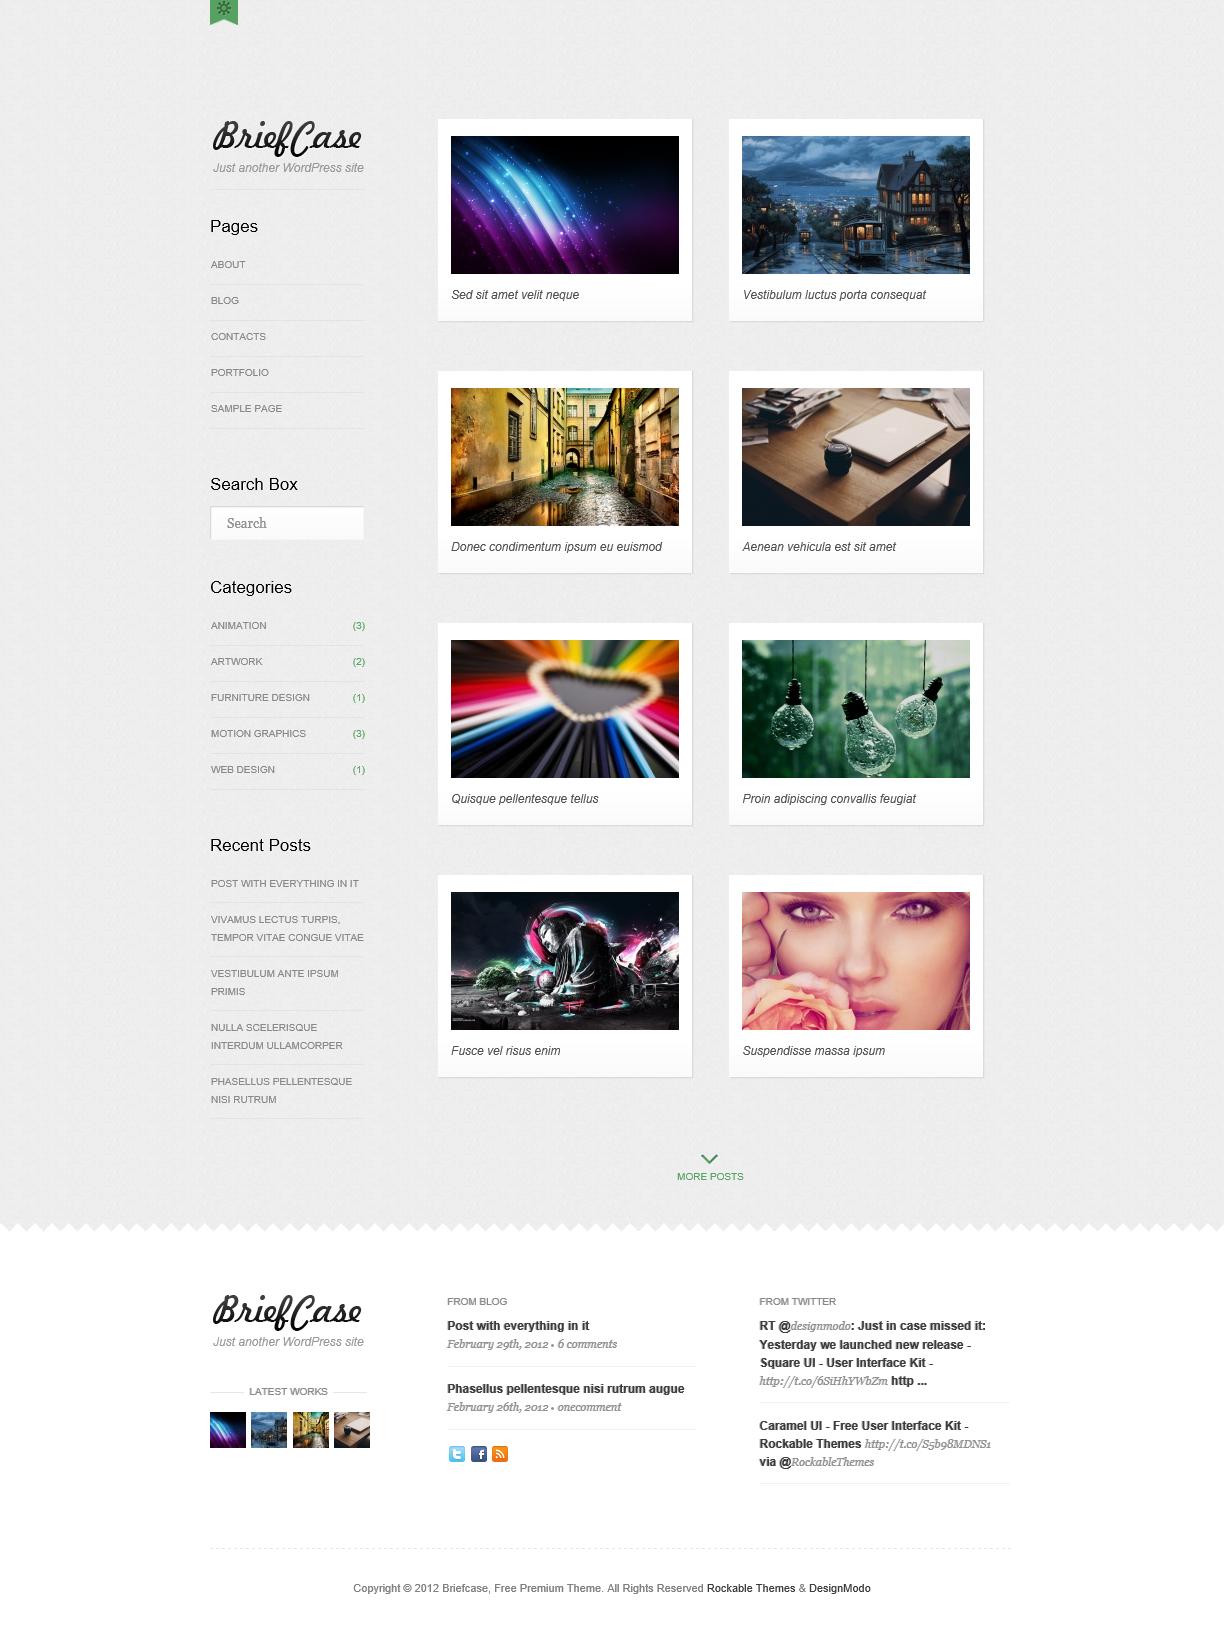 Briefcase - элегантная, светлая тема для личного сайта, фотоблога и портфолио | n-wp.ru